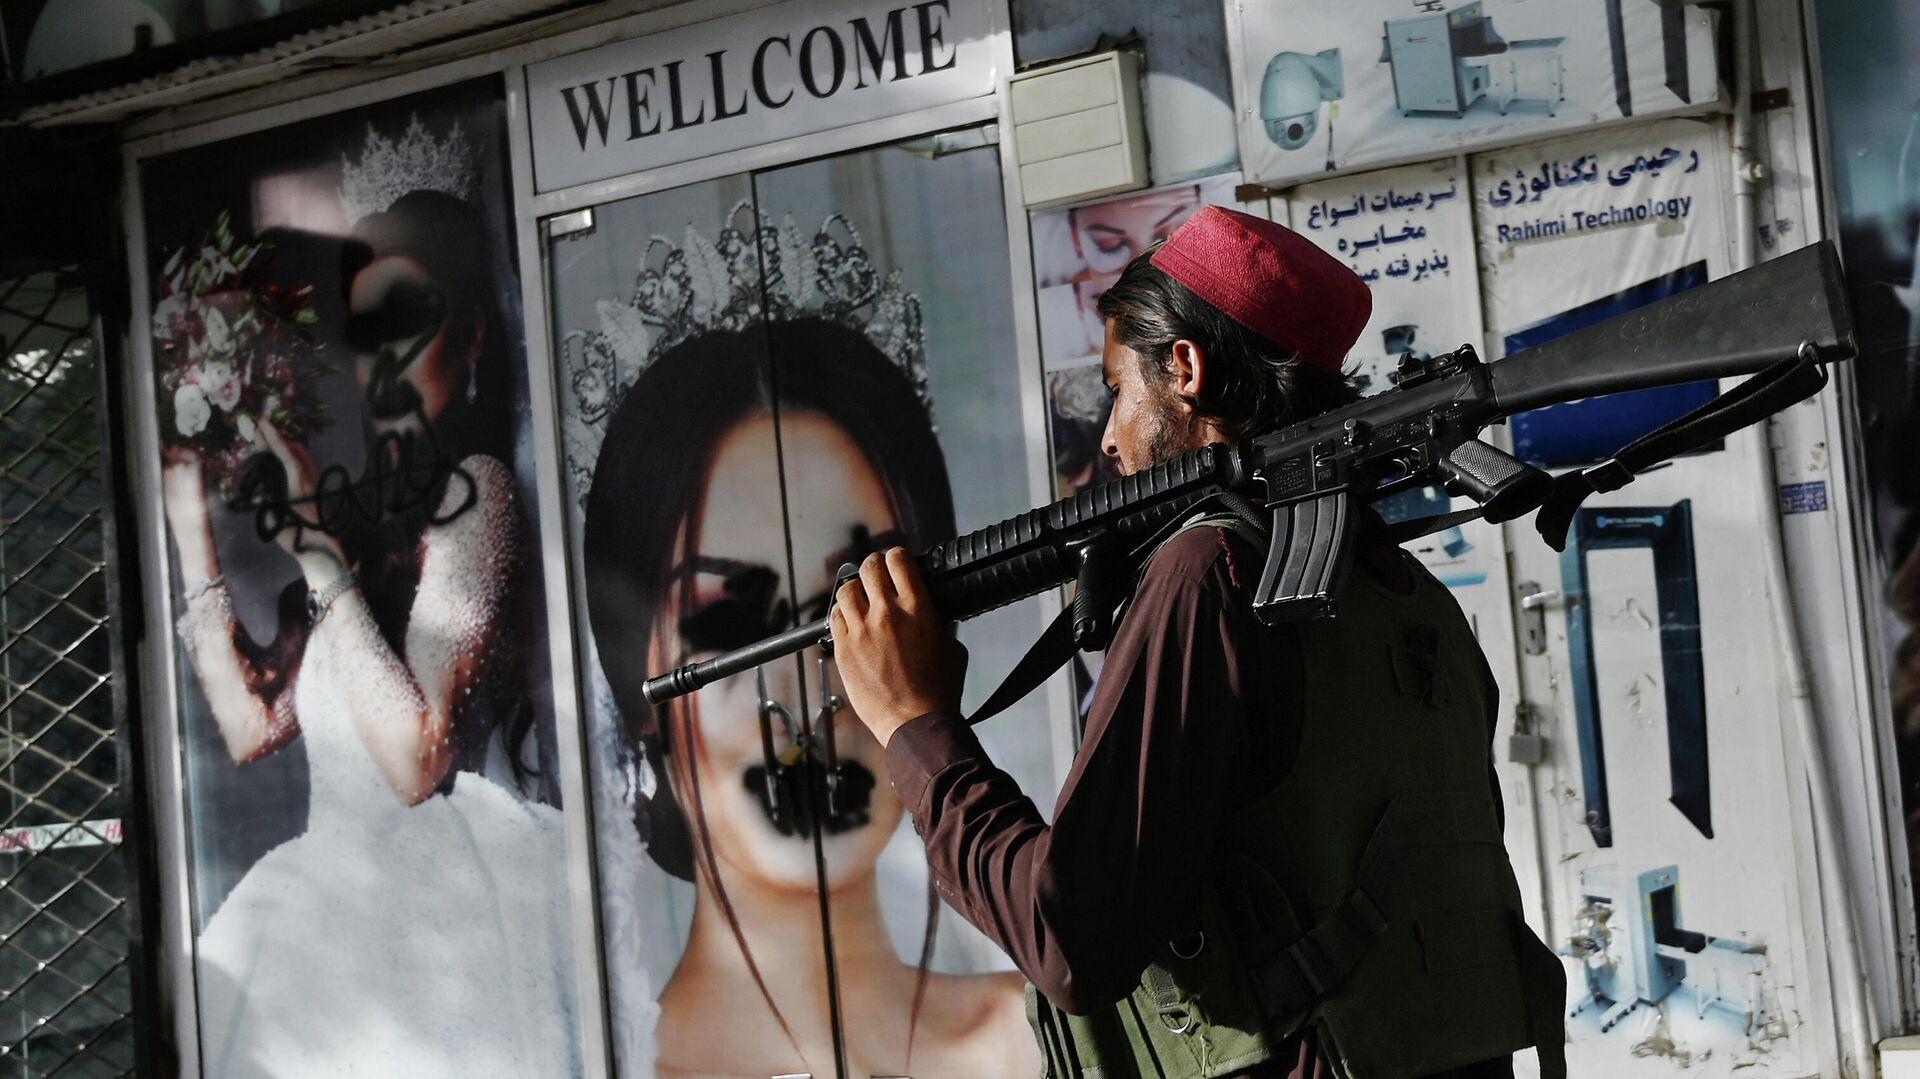 Un soldado talibán camina frente a un salón de belleza con imágenes de mujeres desfiguradas con spray, en Shar-e-Naw en Kabul, el 18 de agosto de 2021 - Sputnik Mundo, 1920, 23.08.2021